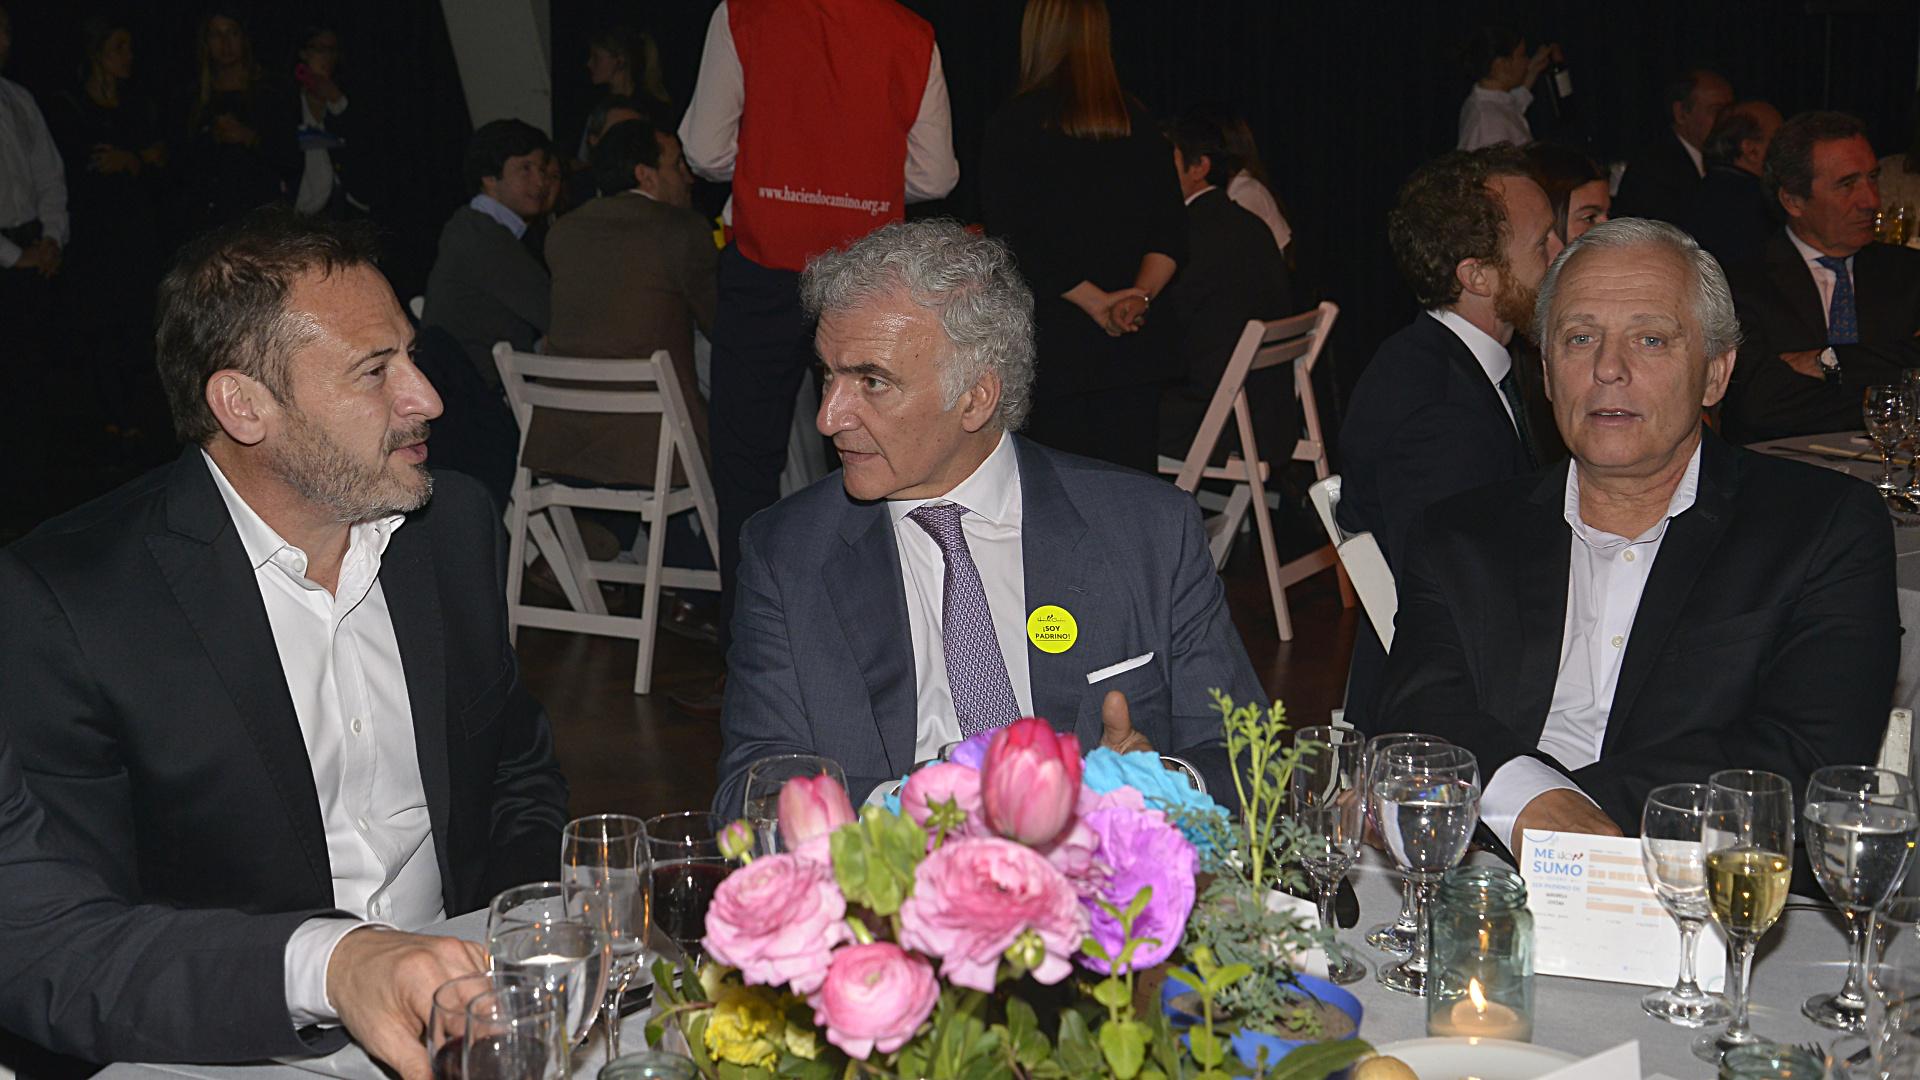 El abogado Alejandro Pérez Chada junto a Daniel Zanardi, gerente general de Artear